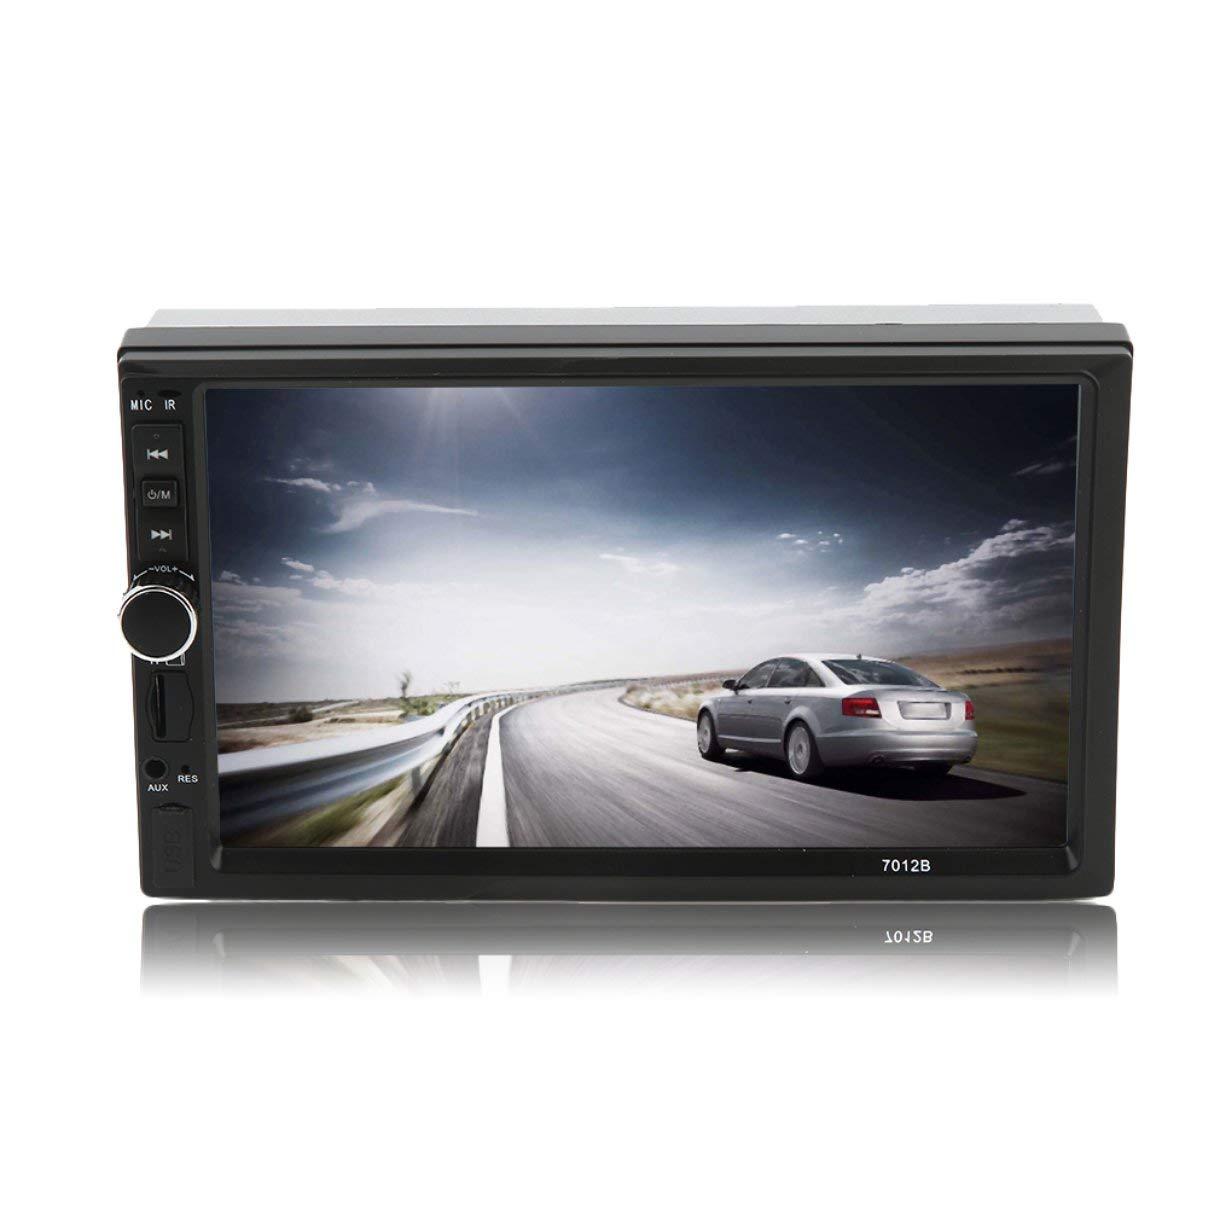 Jugador del Coche mp5, 7 Pulgadas HD Touch Screen Auto Vehículo Audio Reproductor de vídeo – Radio ooths Gran Jugador FM/MP5 con cámara de Retroceso, para Auto Entretenimiento: Amazon.es: Electrónica